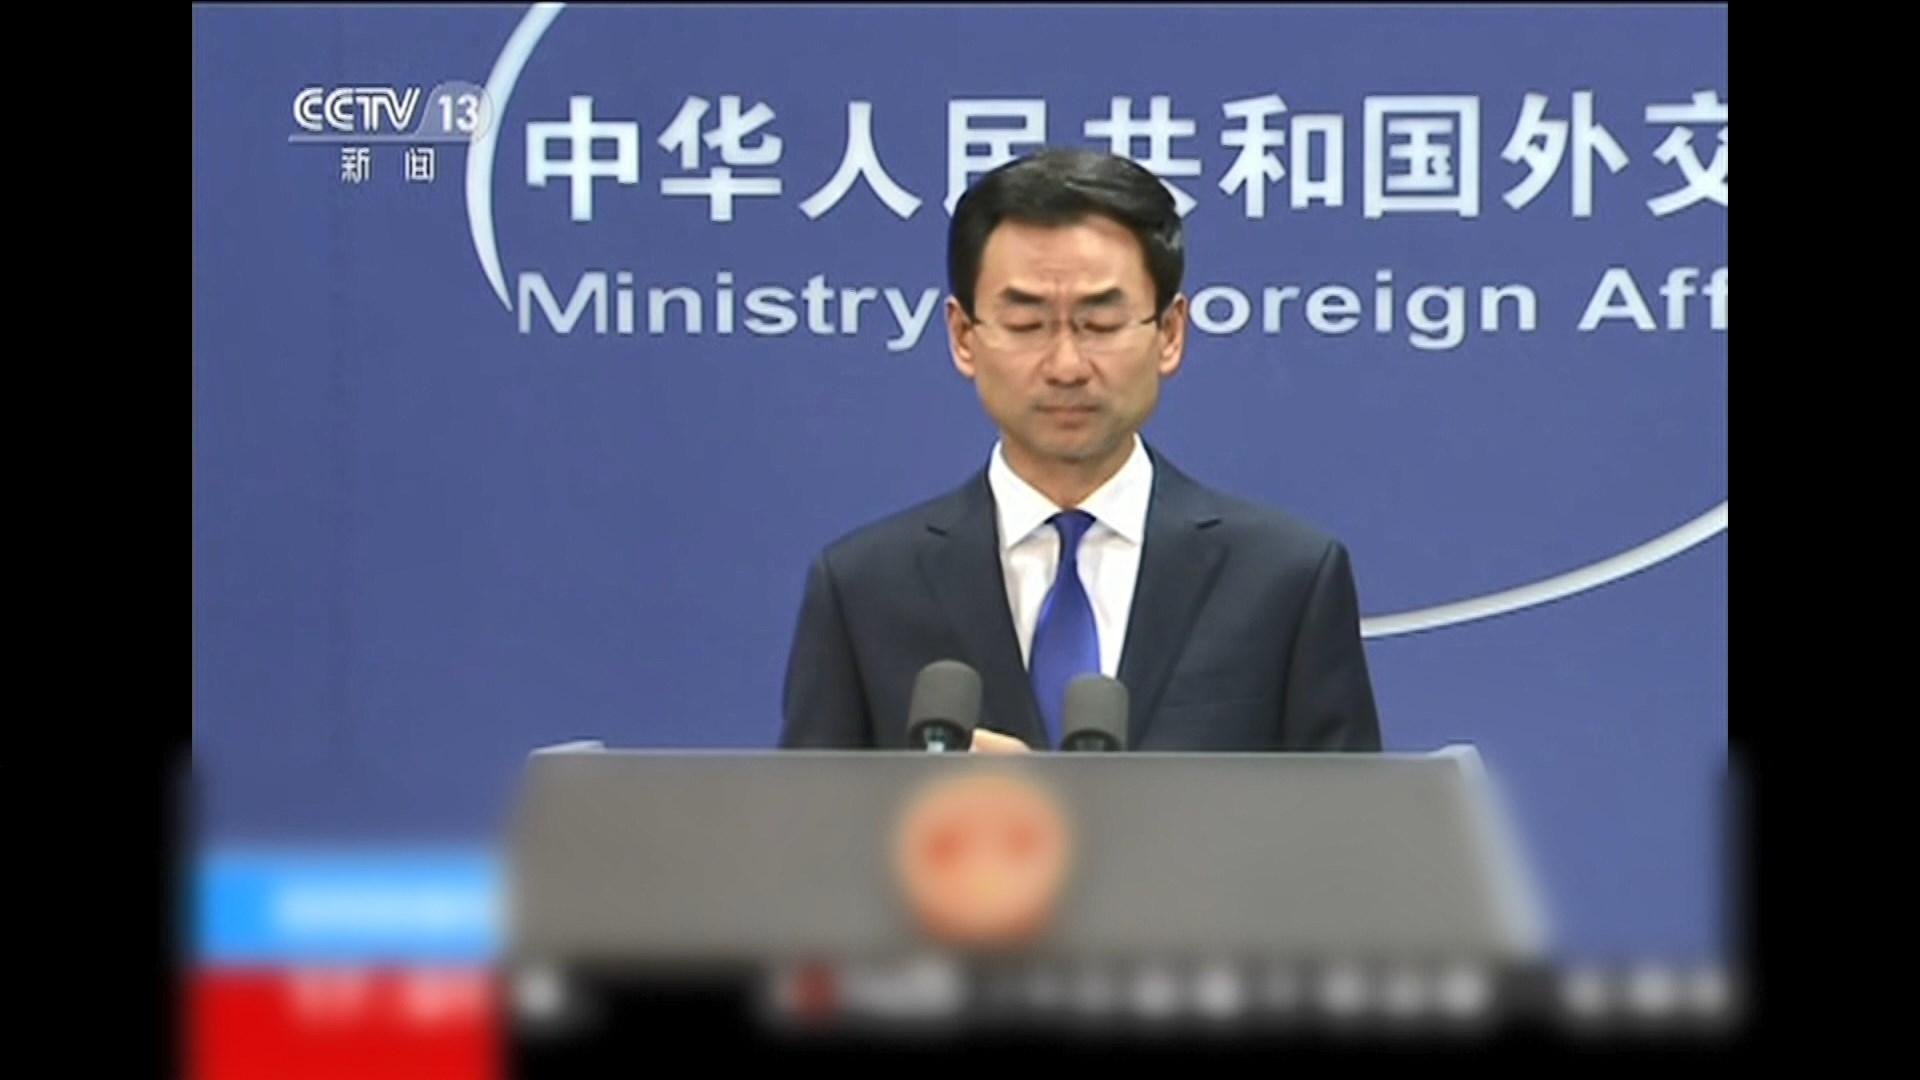 中國要求英方即停止干預香港事務和中國內政